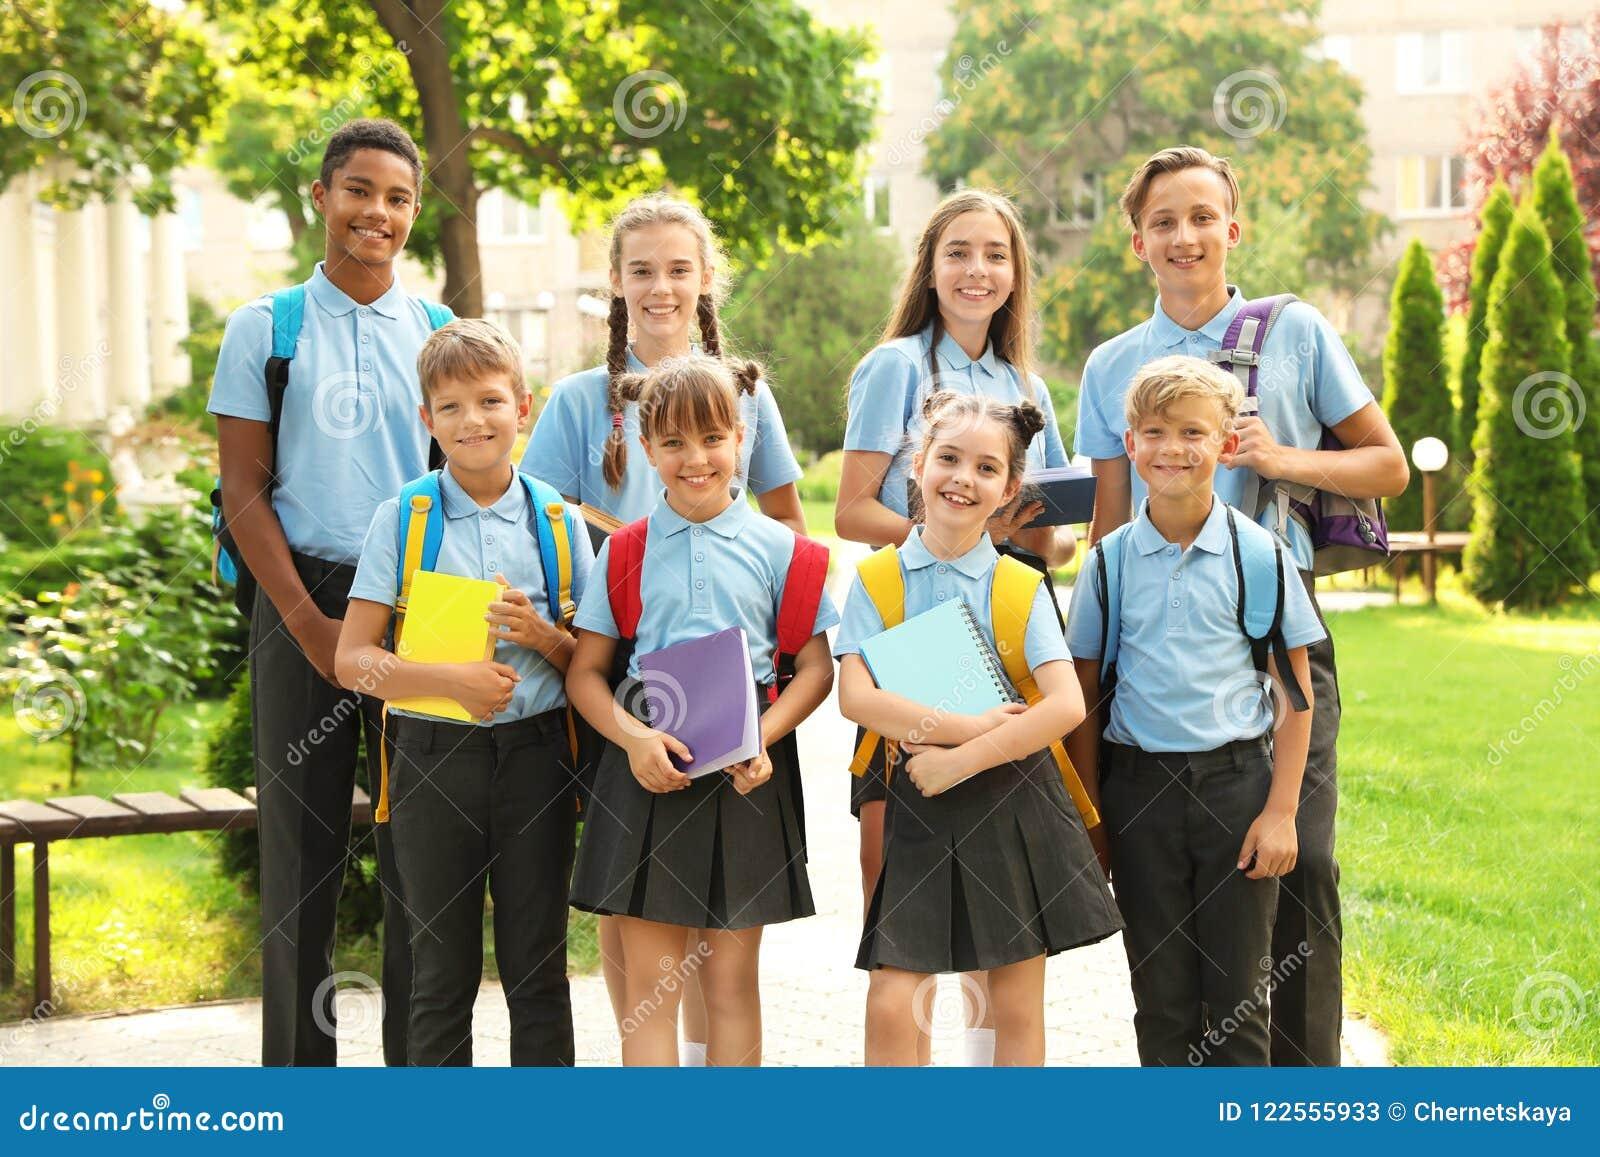 Grupp av barn i stilfull skolalikformig